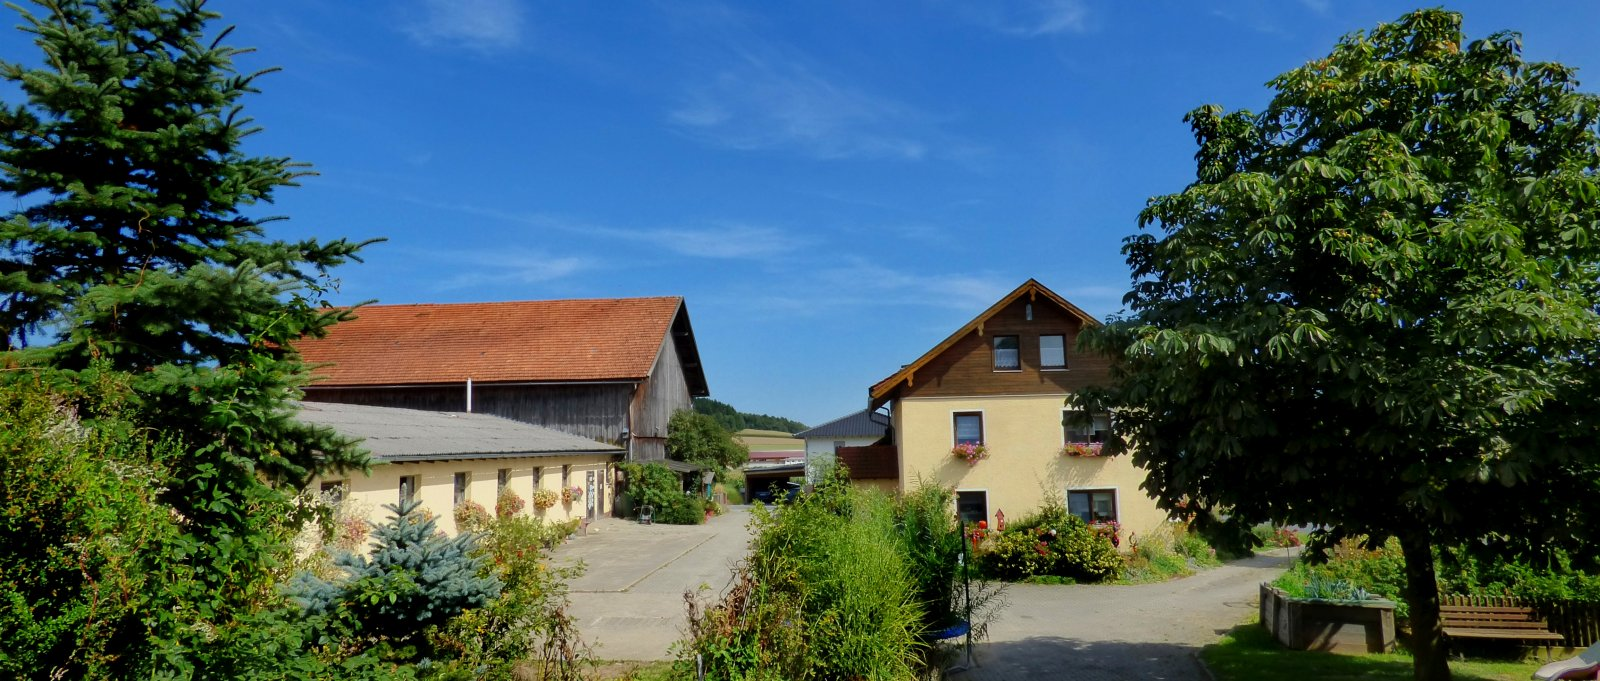 Ferienhof Fischer in Weiding – Kontakt